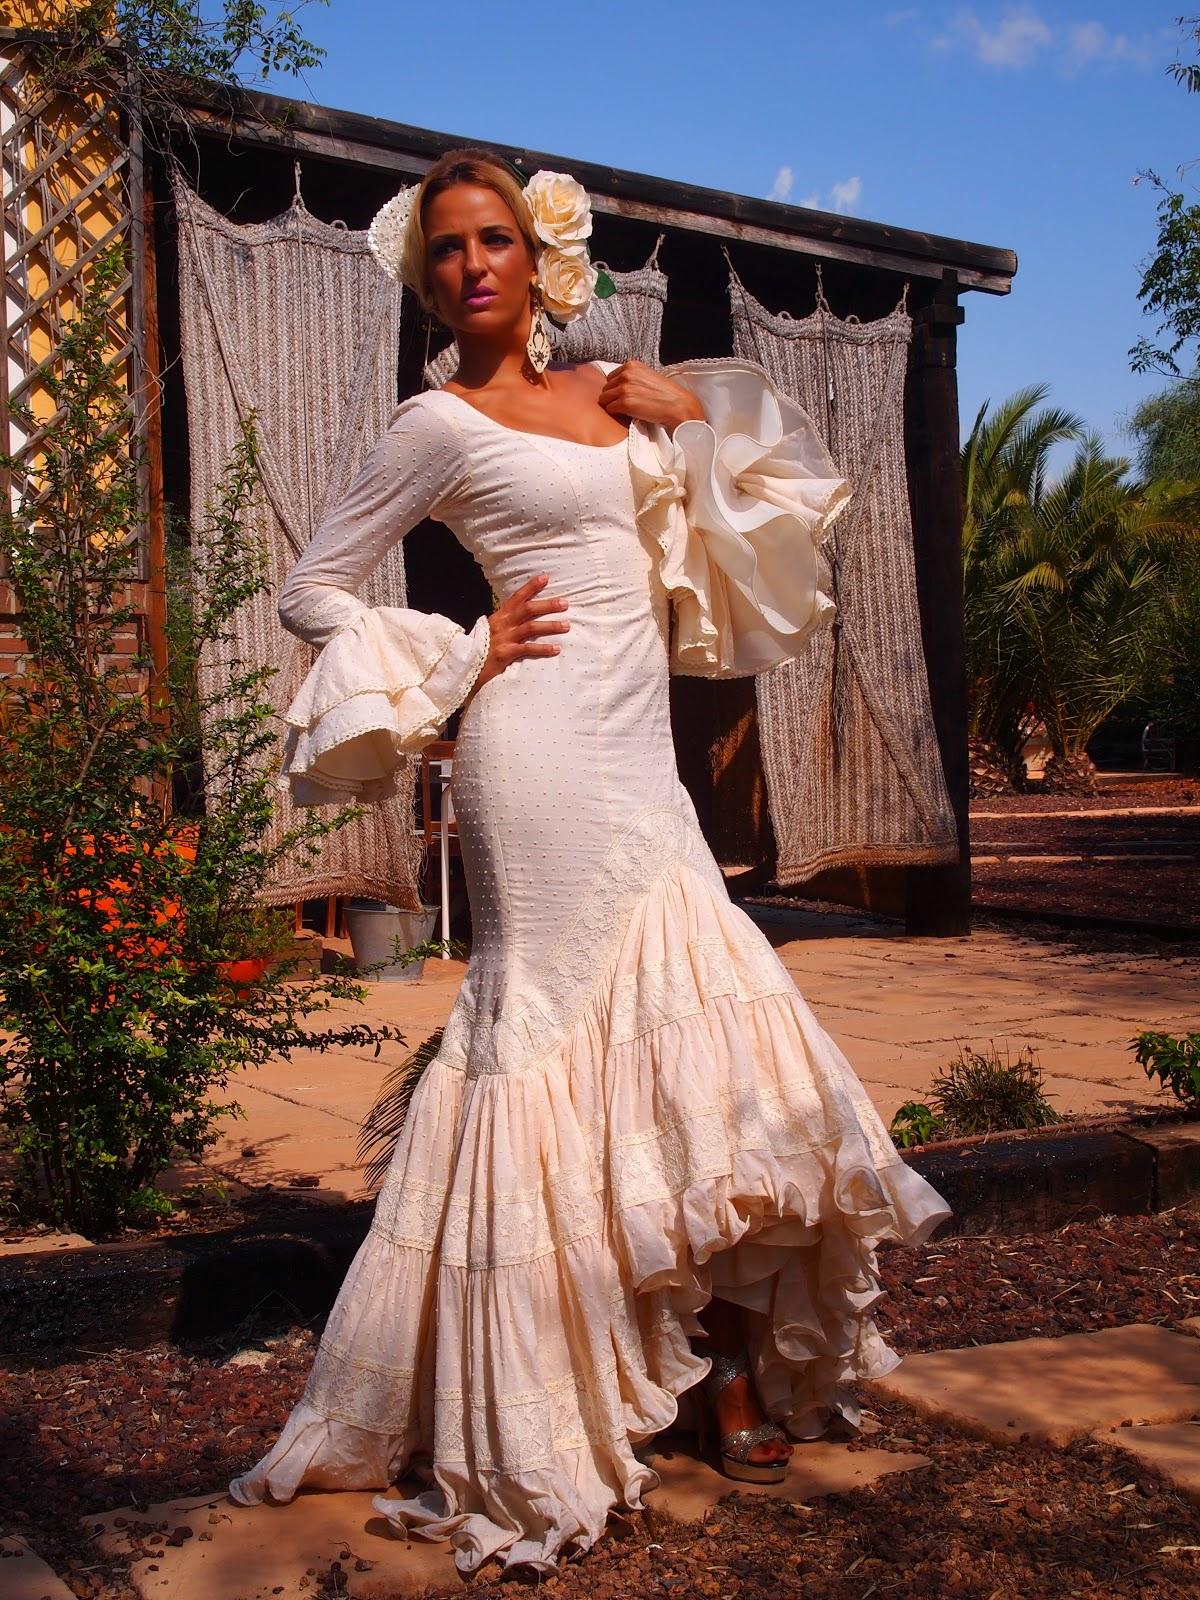 Peinados De Novia Flamenca - Vestidos de novia flamencos El estilo flamenco en las